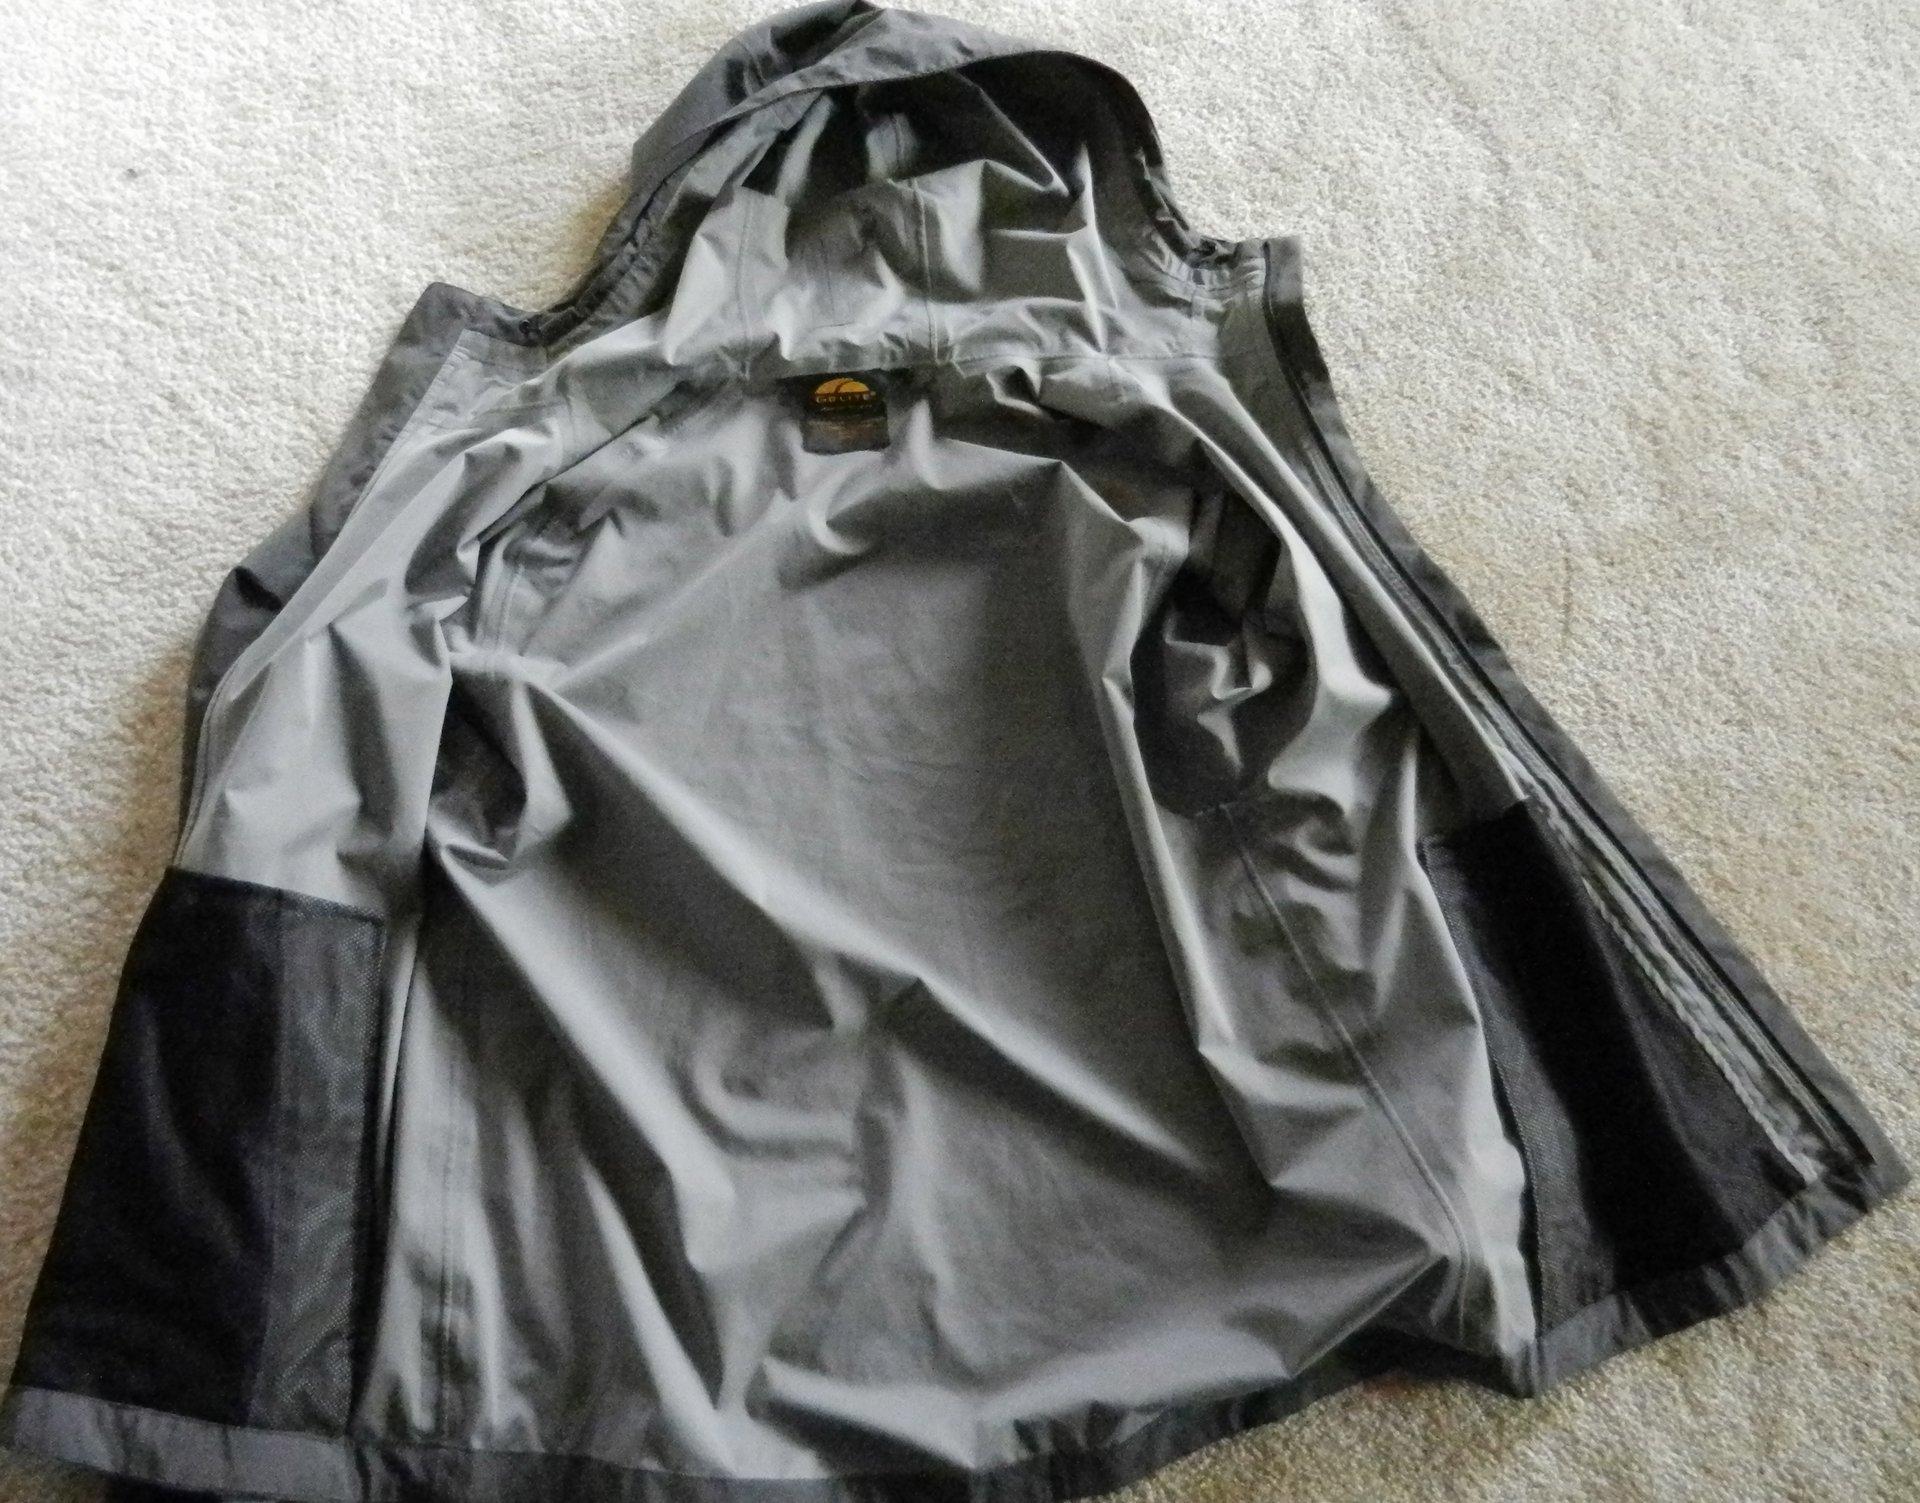 golite jacket inside